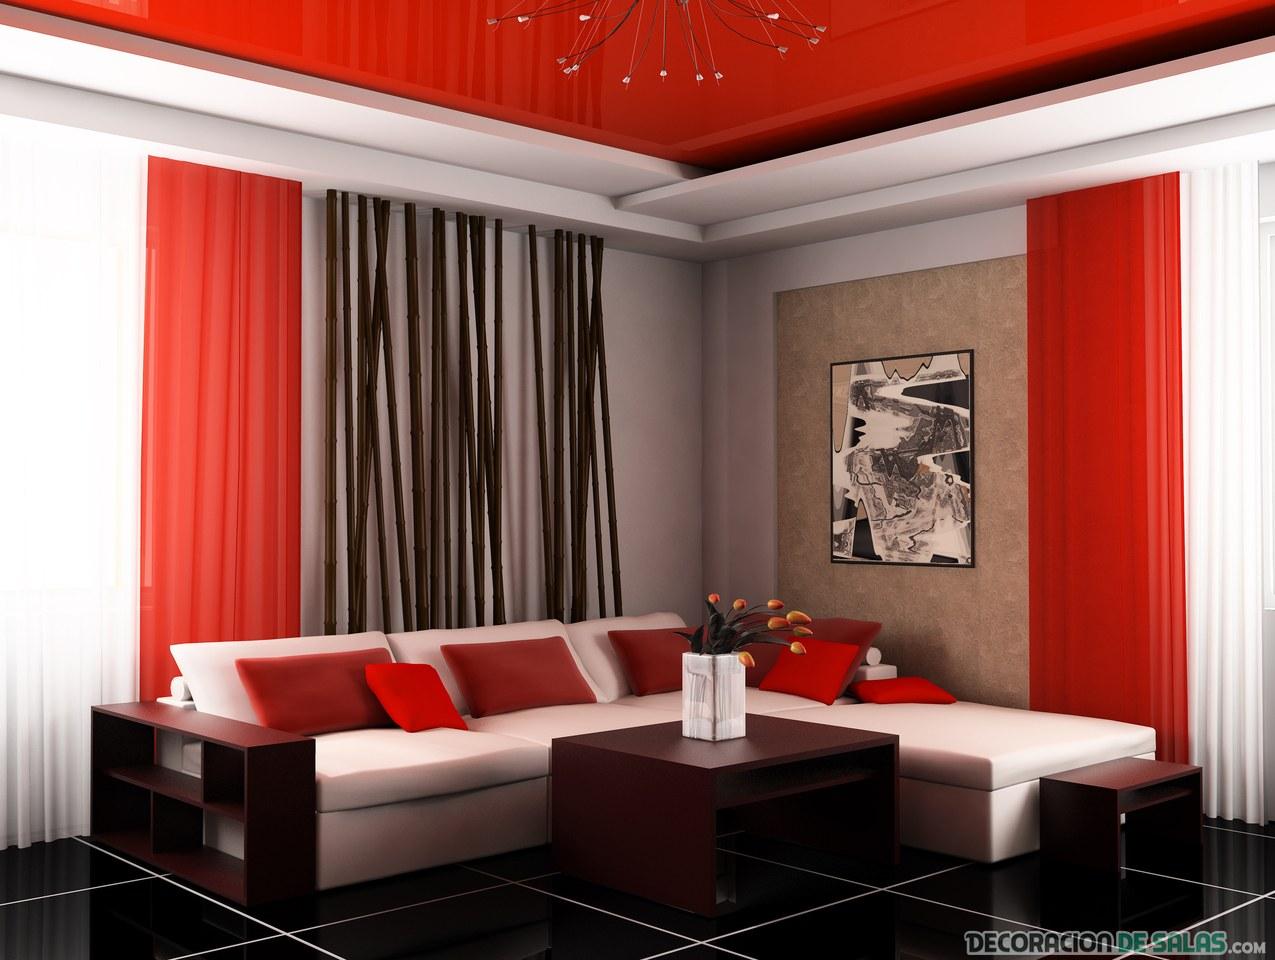 C mo decorar una sala acogedora - Combinar colores paredes simulador ...